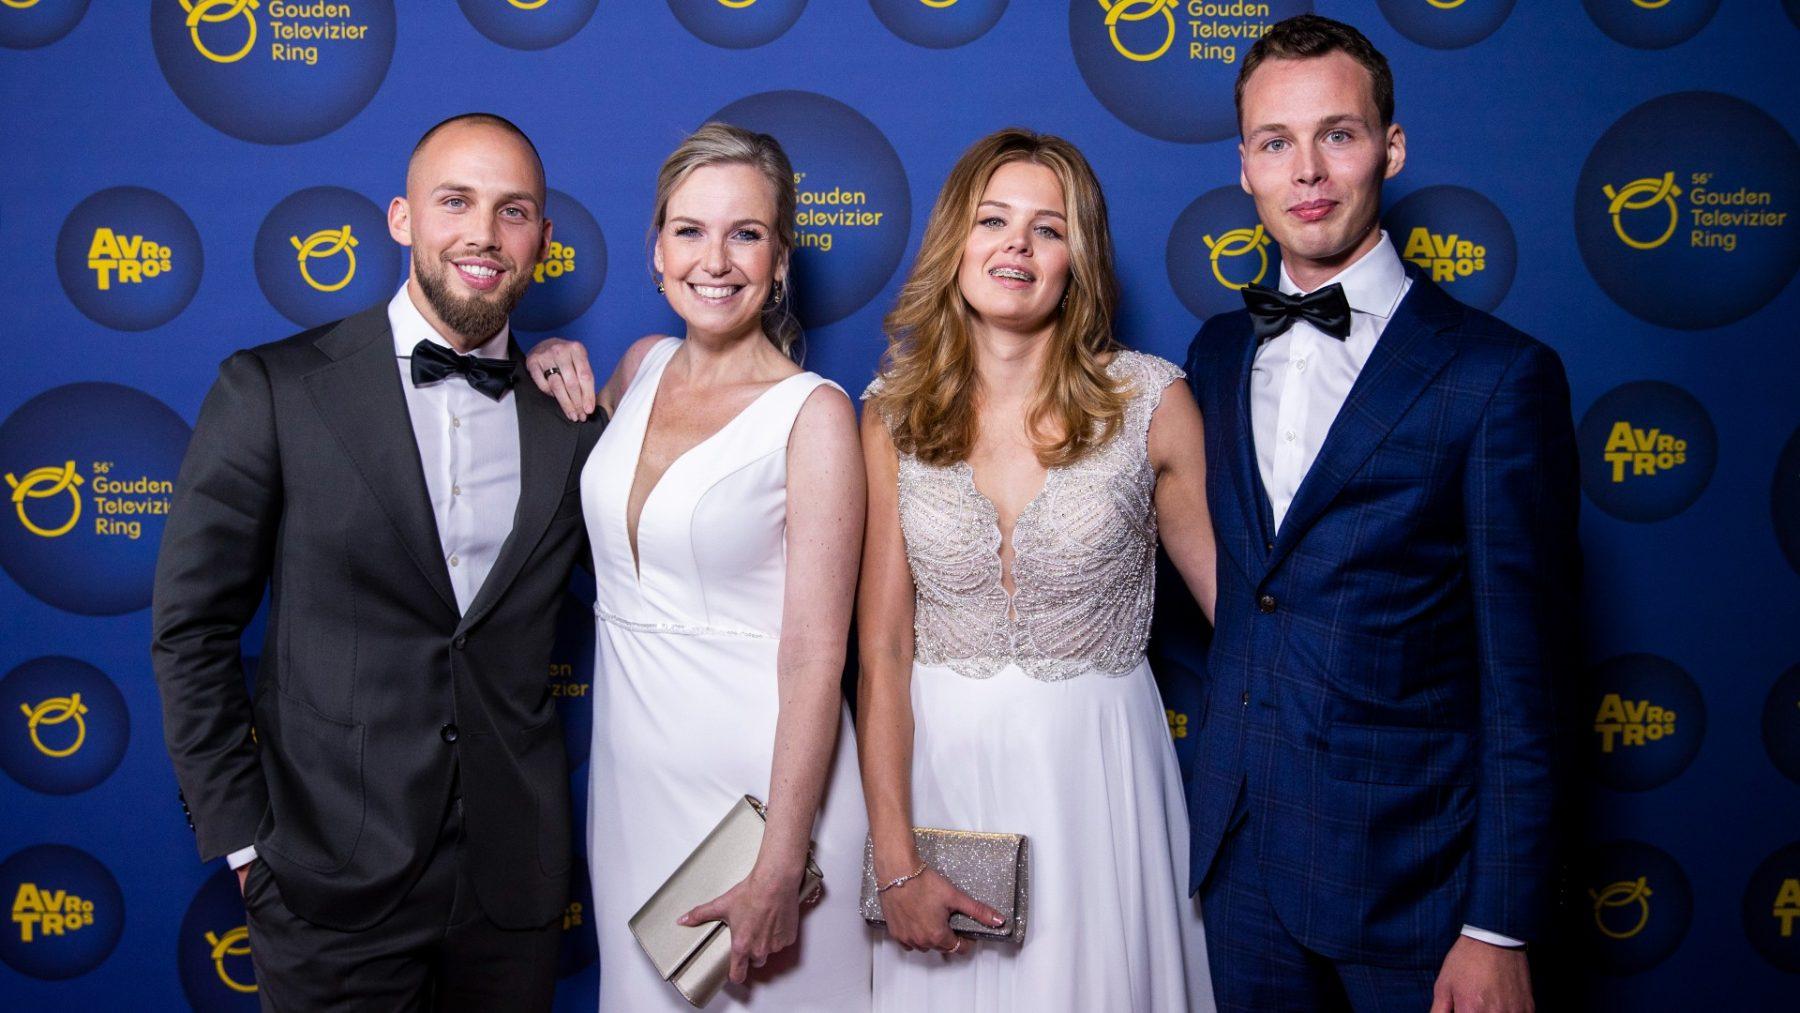 'Kinderen van Ruinerwold' wint de Gouden Televizier-Ring 2021